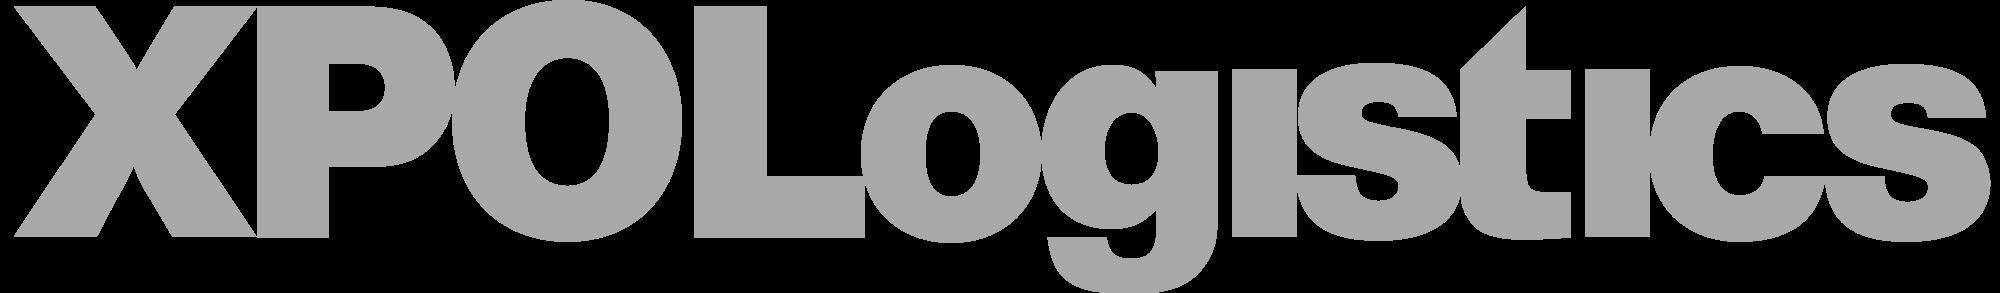 XPO_Logistics_logo